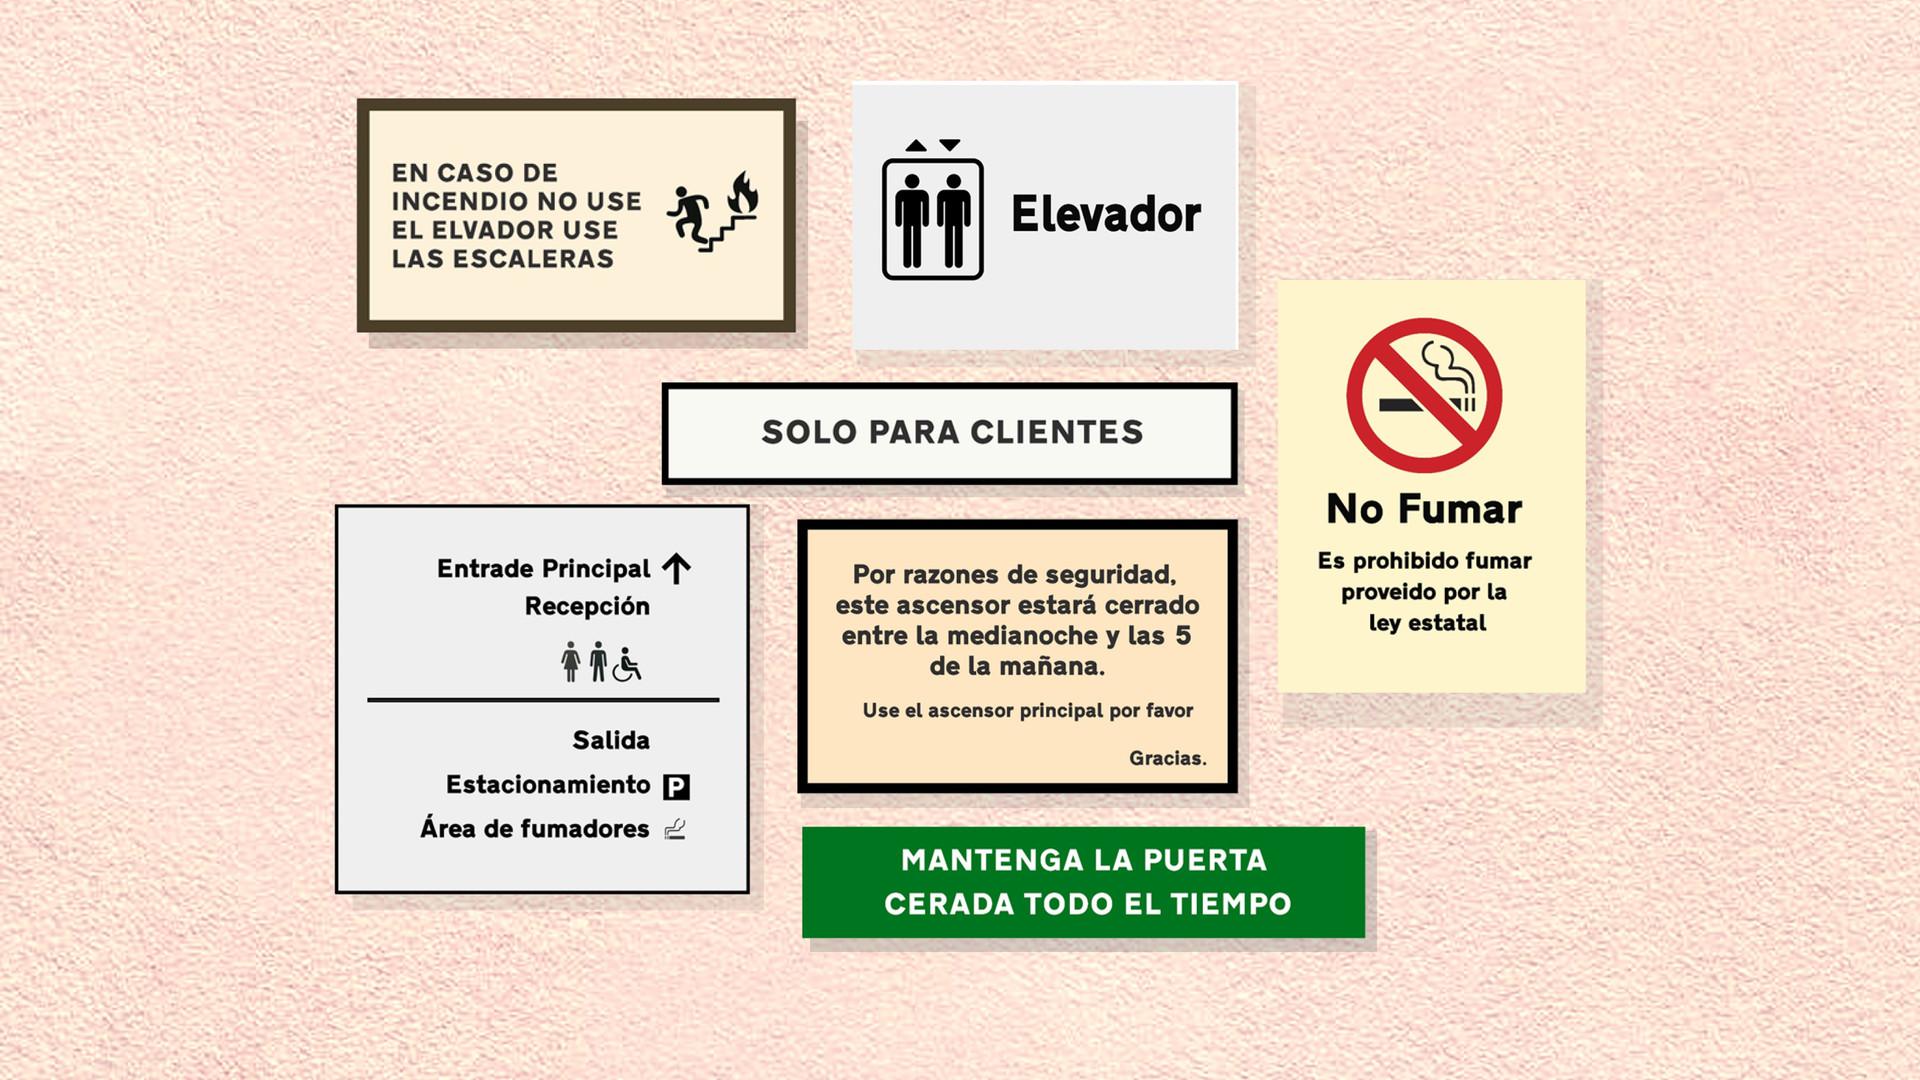 Us - Spanish signage.jpg